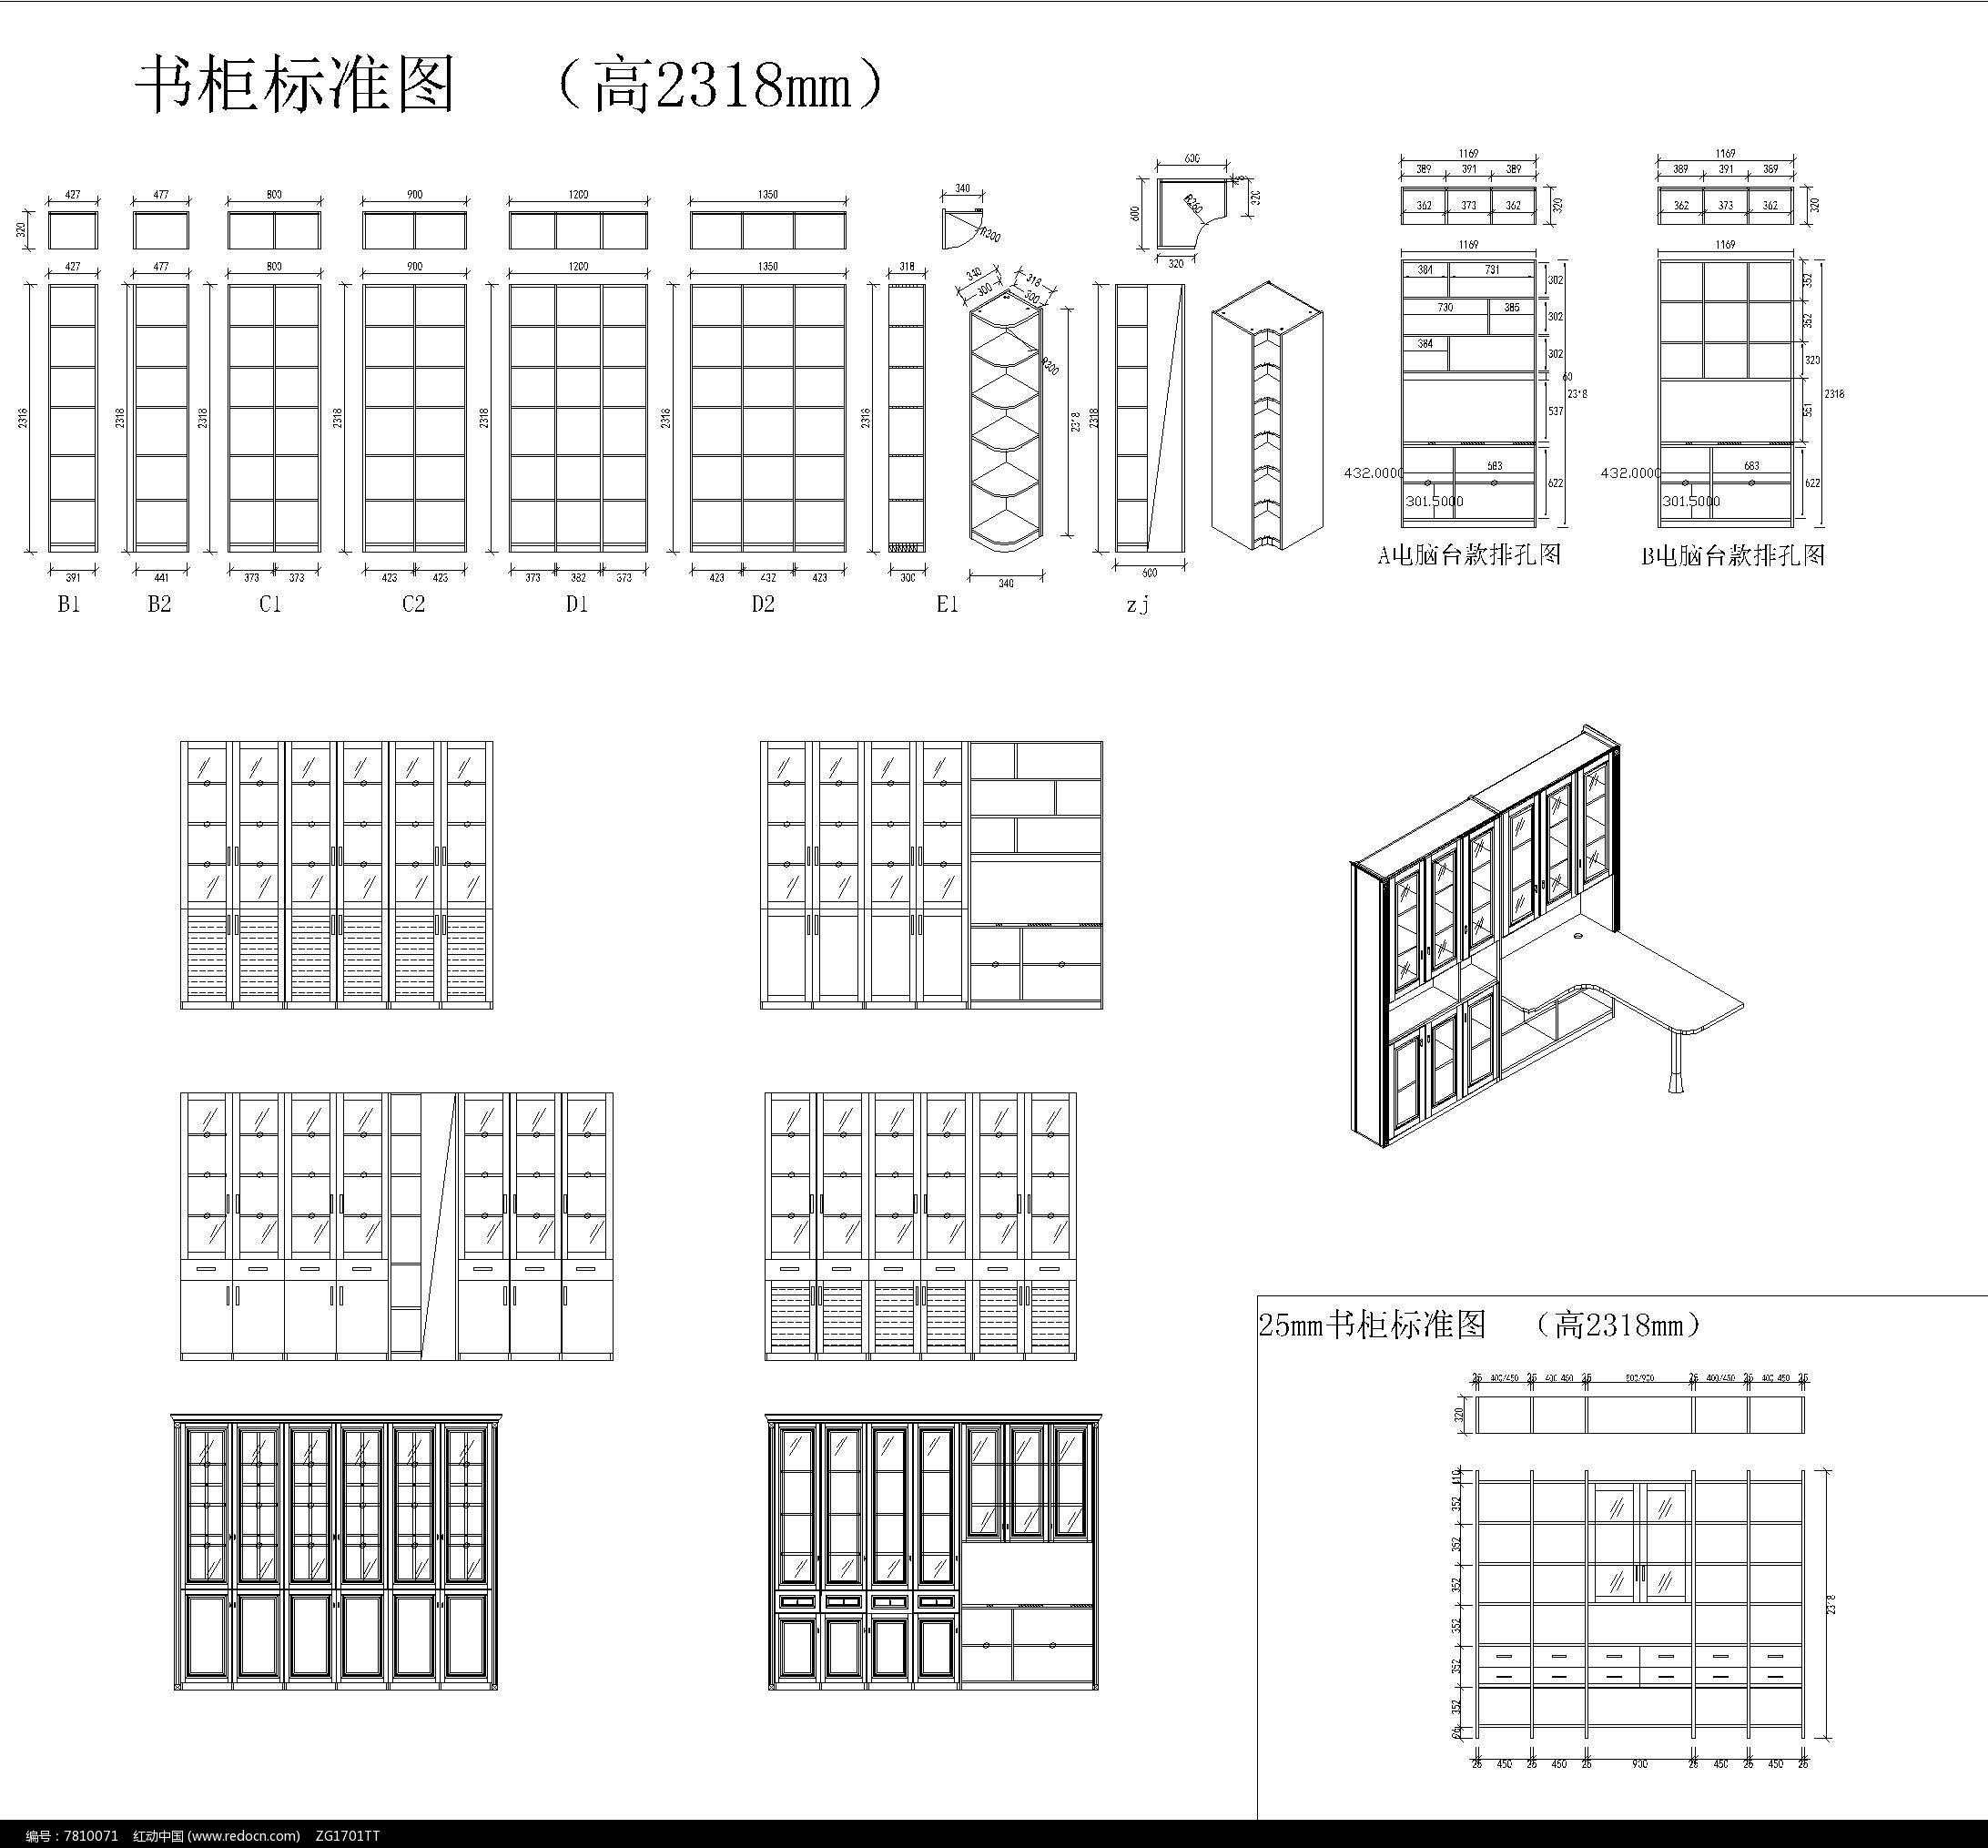 家庭家具软件书柜尺寸CAD图图片素材CAD方式标准打开图片